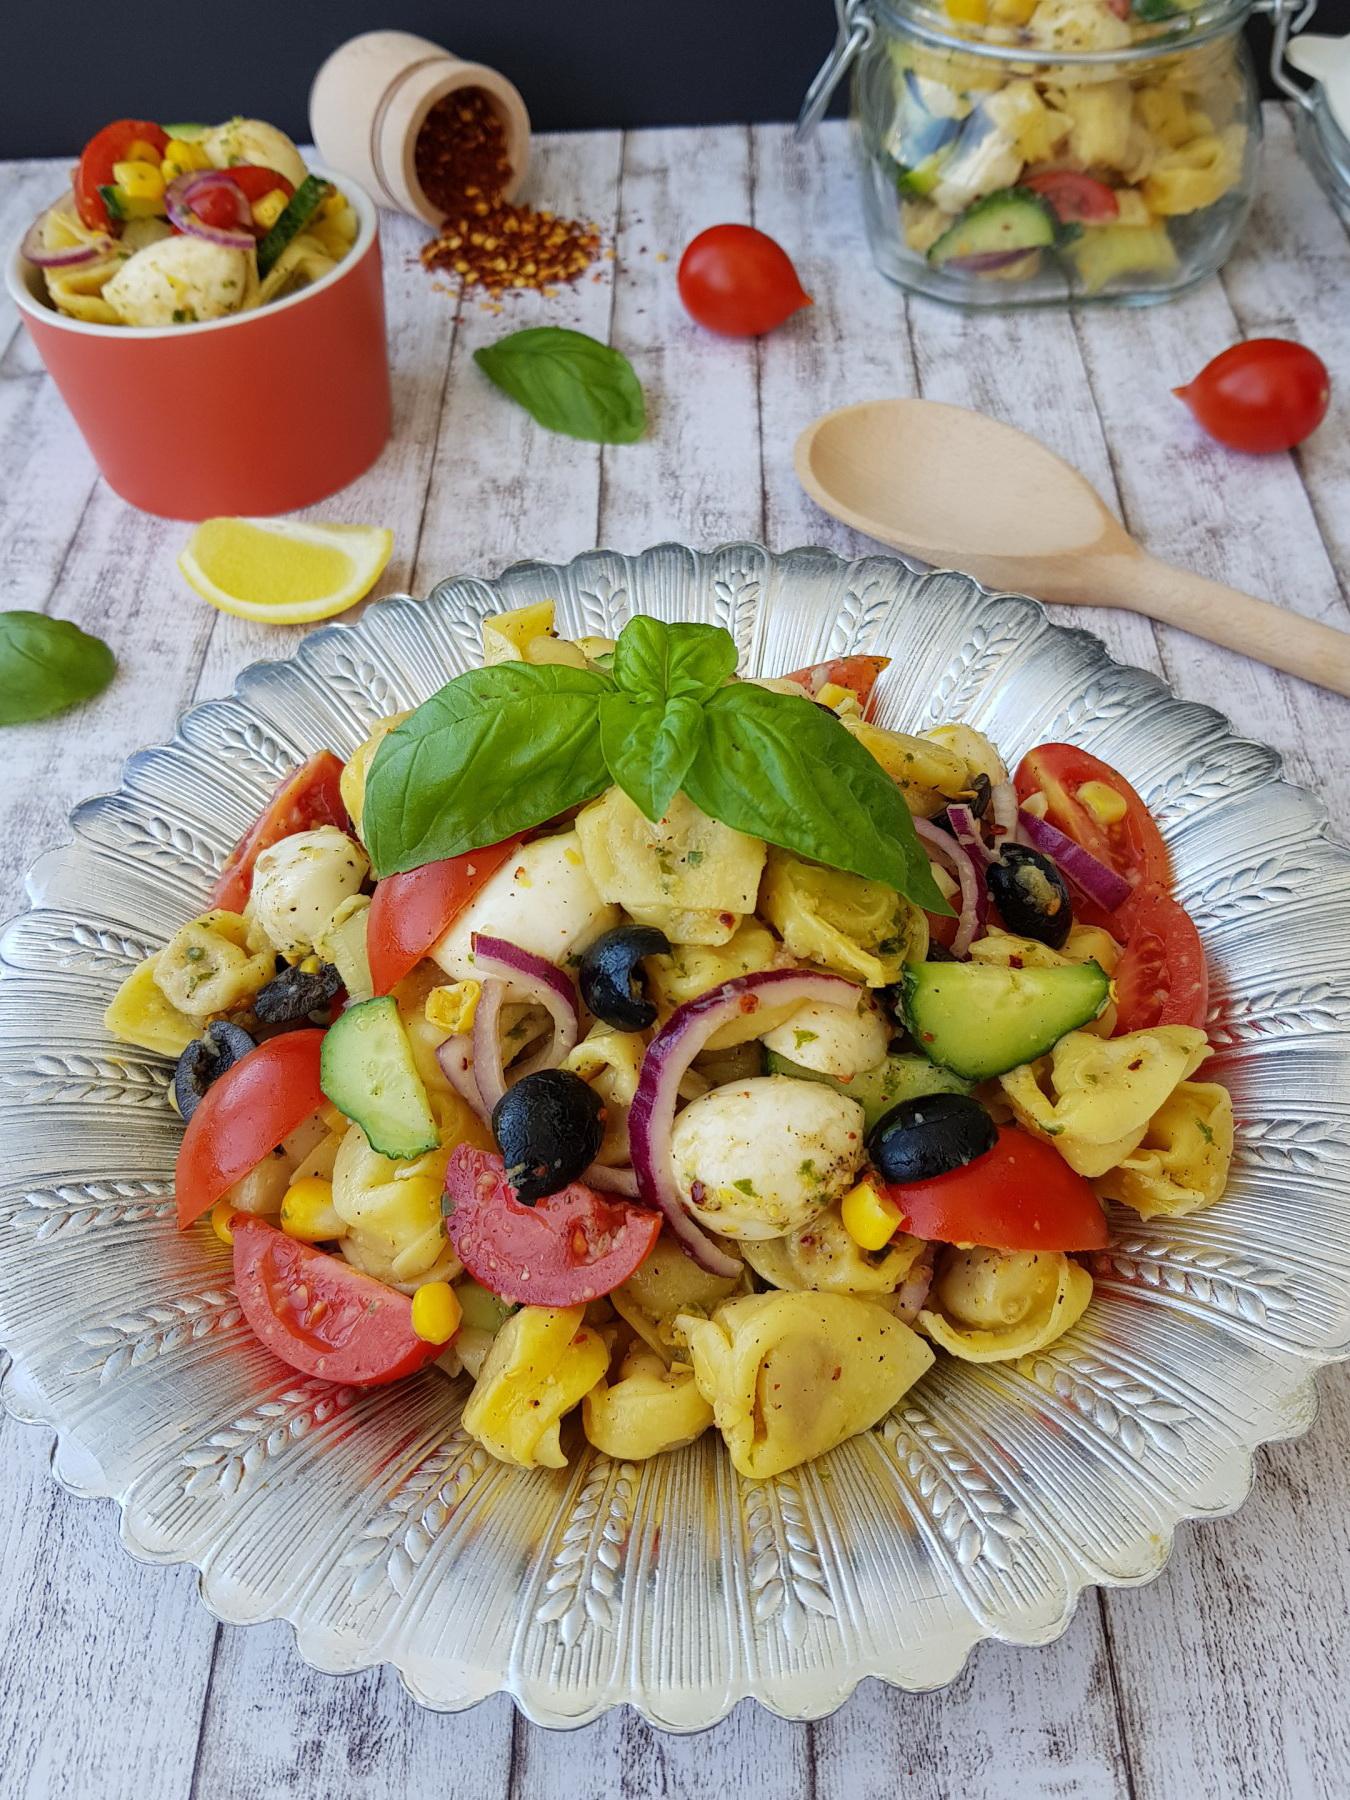 salata cu tortellini si mozzarella 5 - foodieopedia